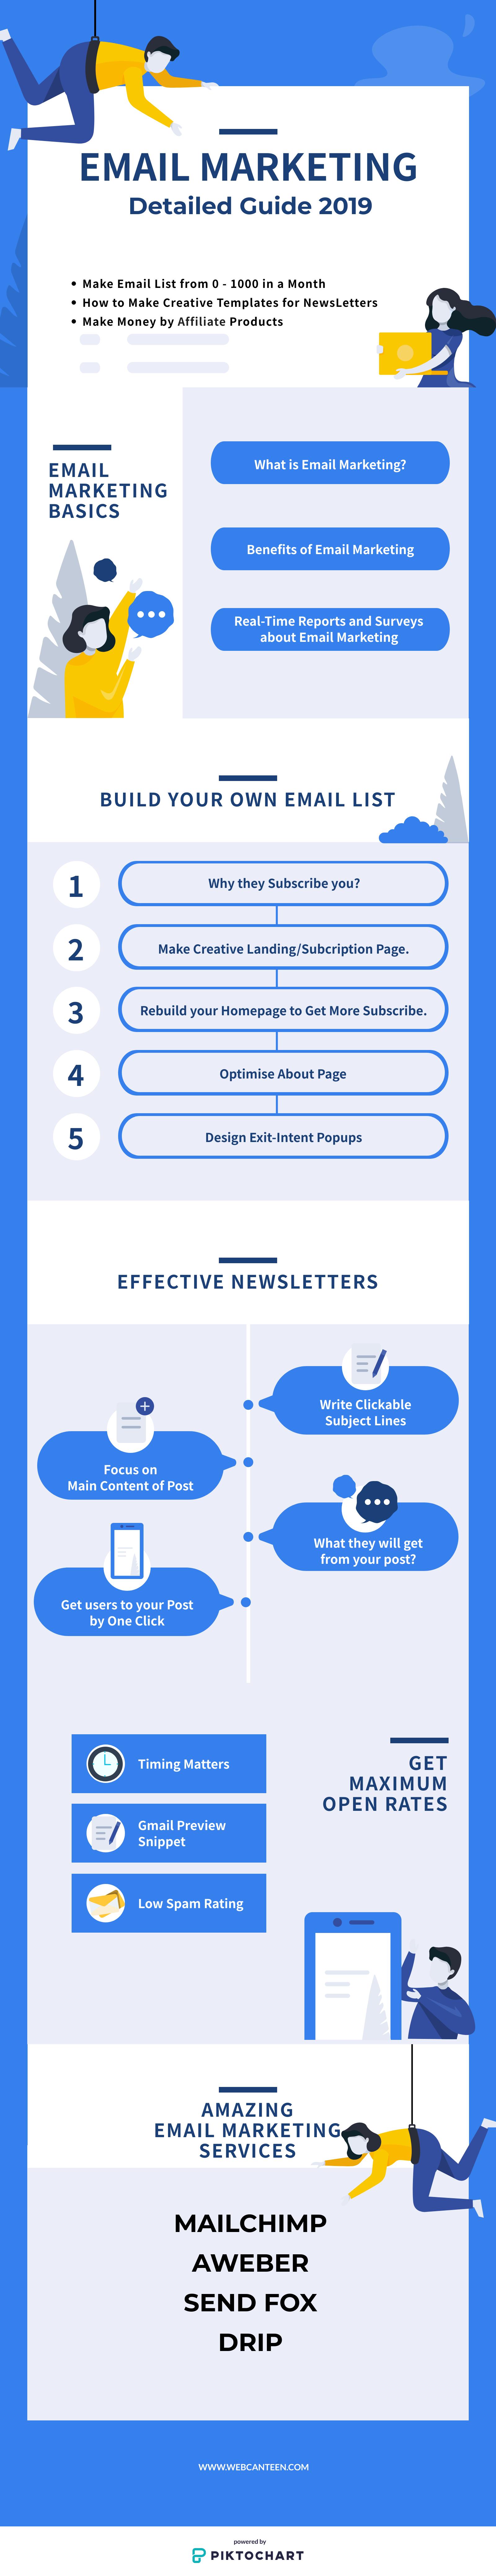 Email Marketing Infoghrpic-WEBCANTEEN.COM